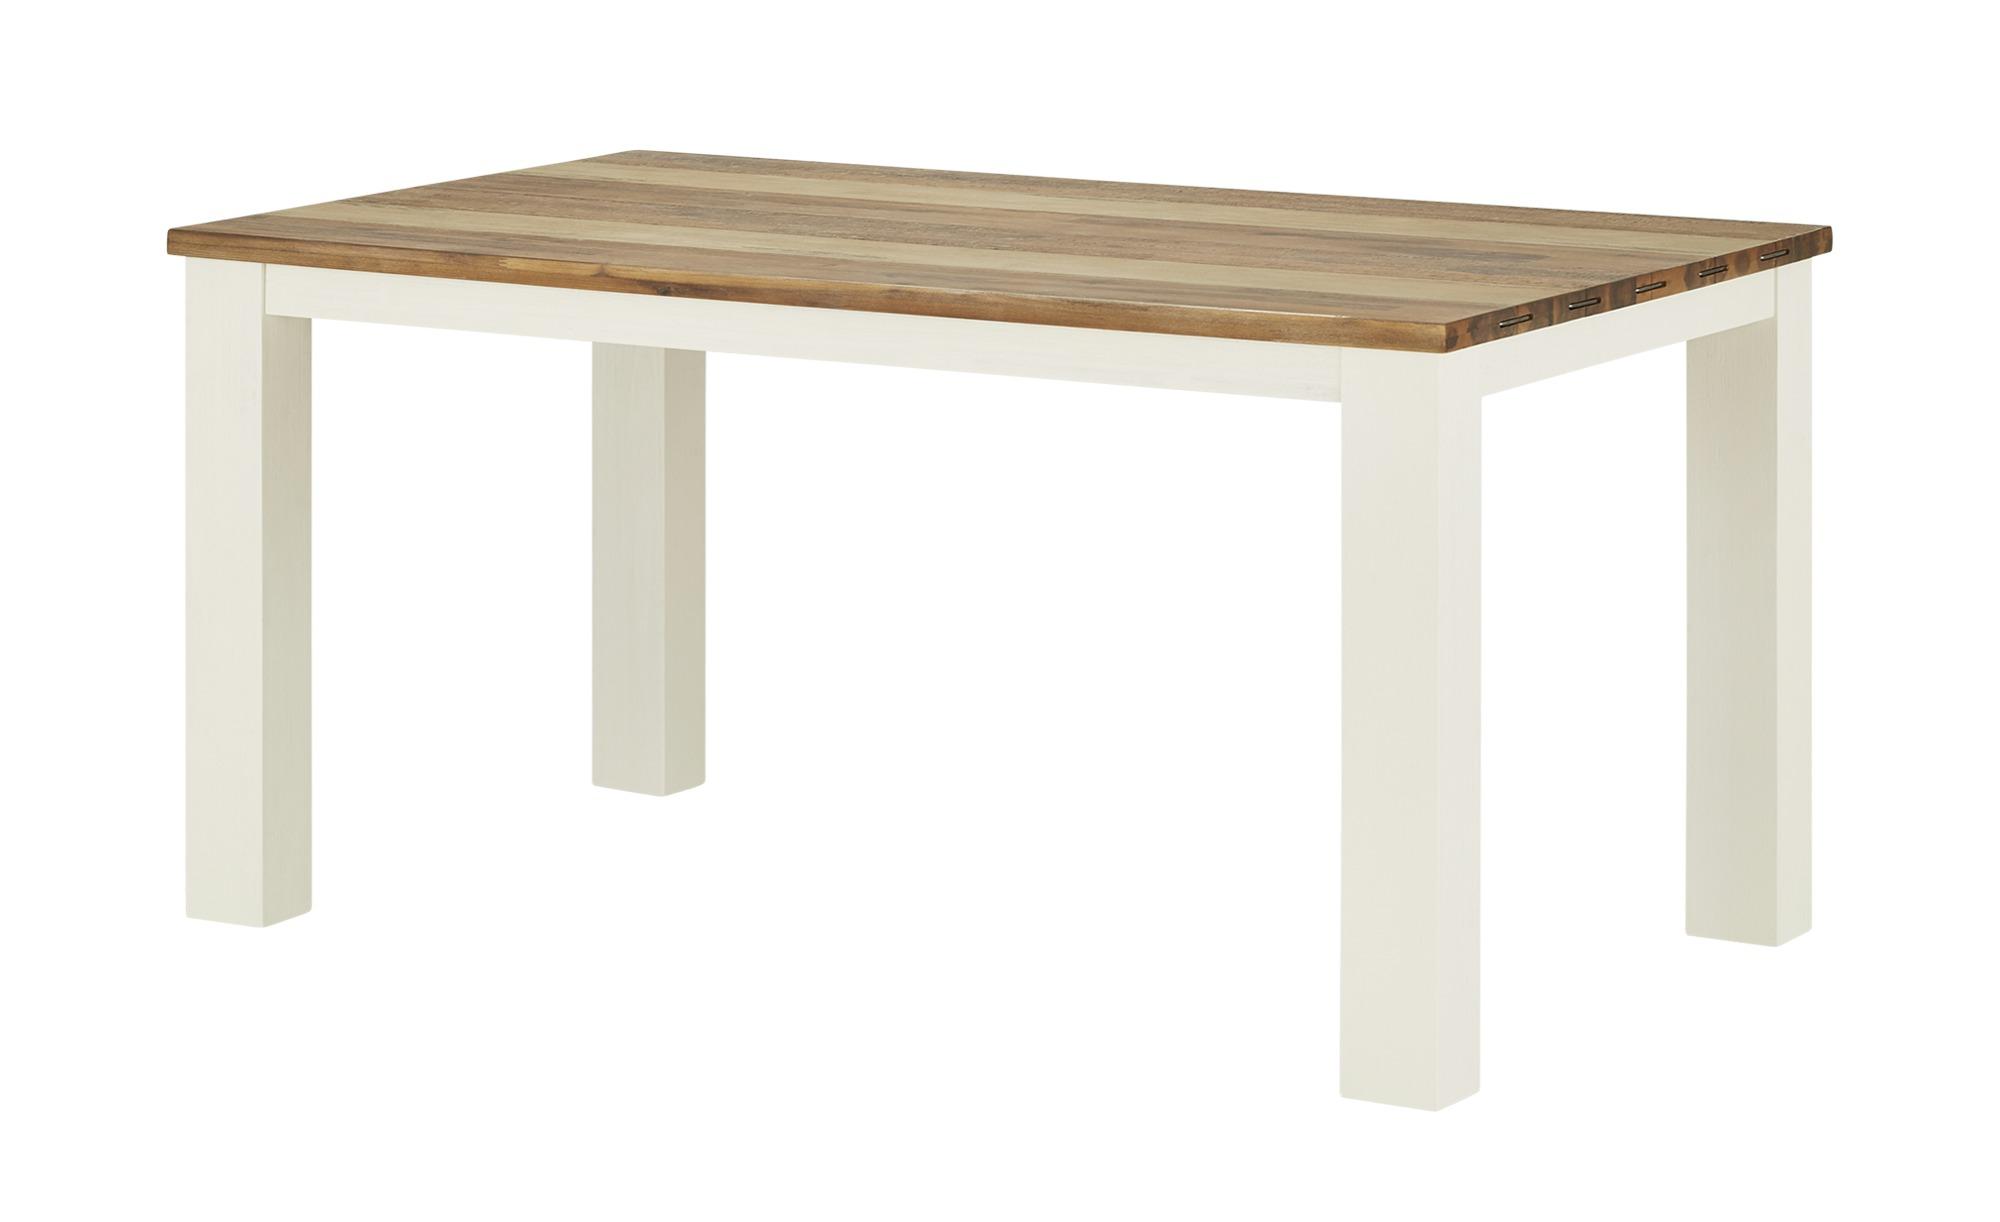 Esstisch  Haiti ¦ Maße (cm): B: 90 H: 78 T: 90 Tische > Esstische > Esstische massiv - Höffner